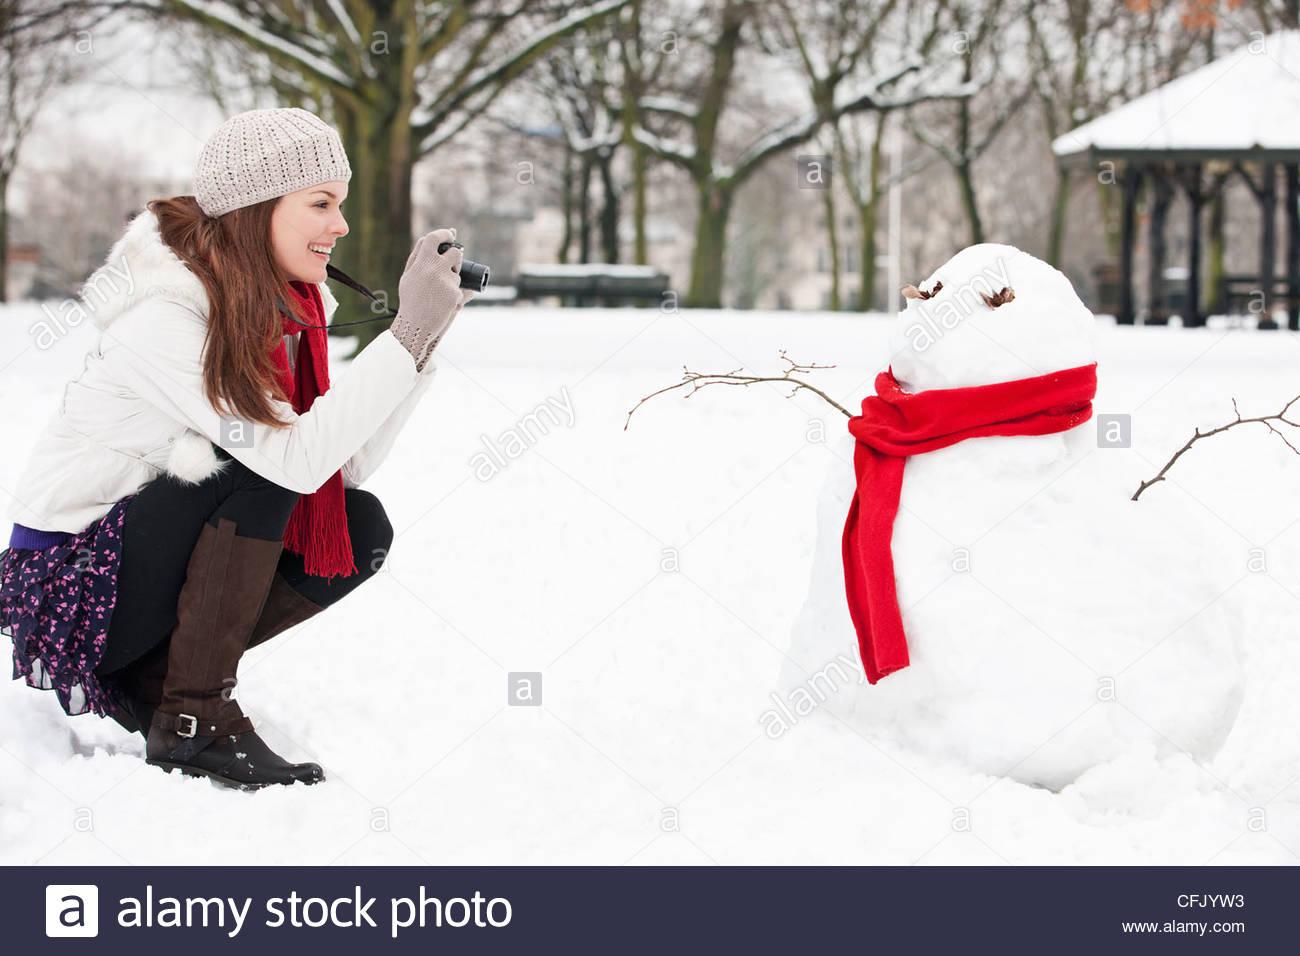 Une jeune femme de prendre une photo d'un bonhomme de neige Photo Stock